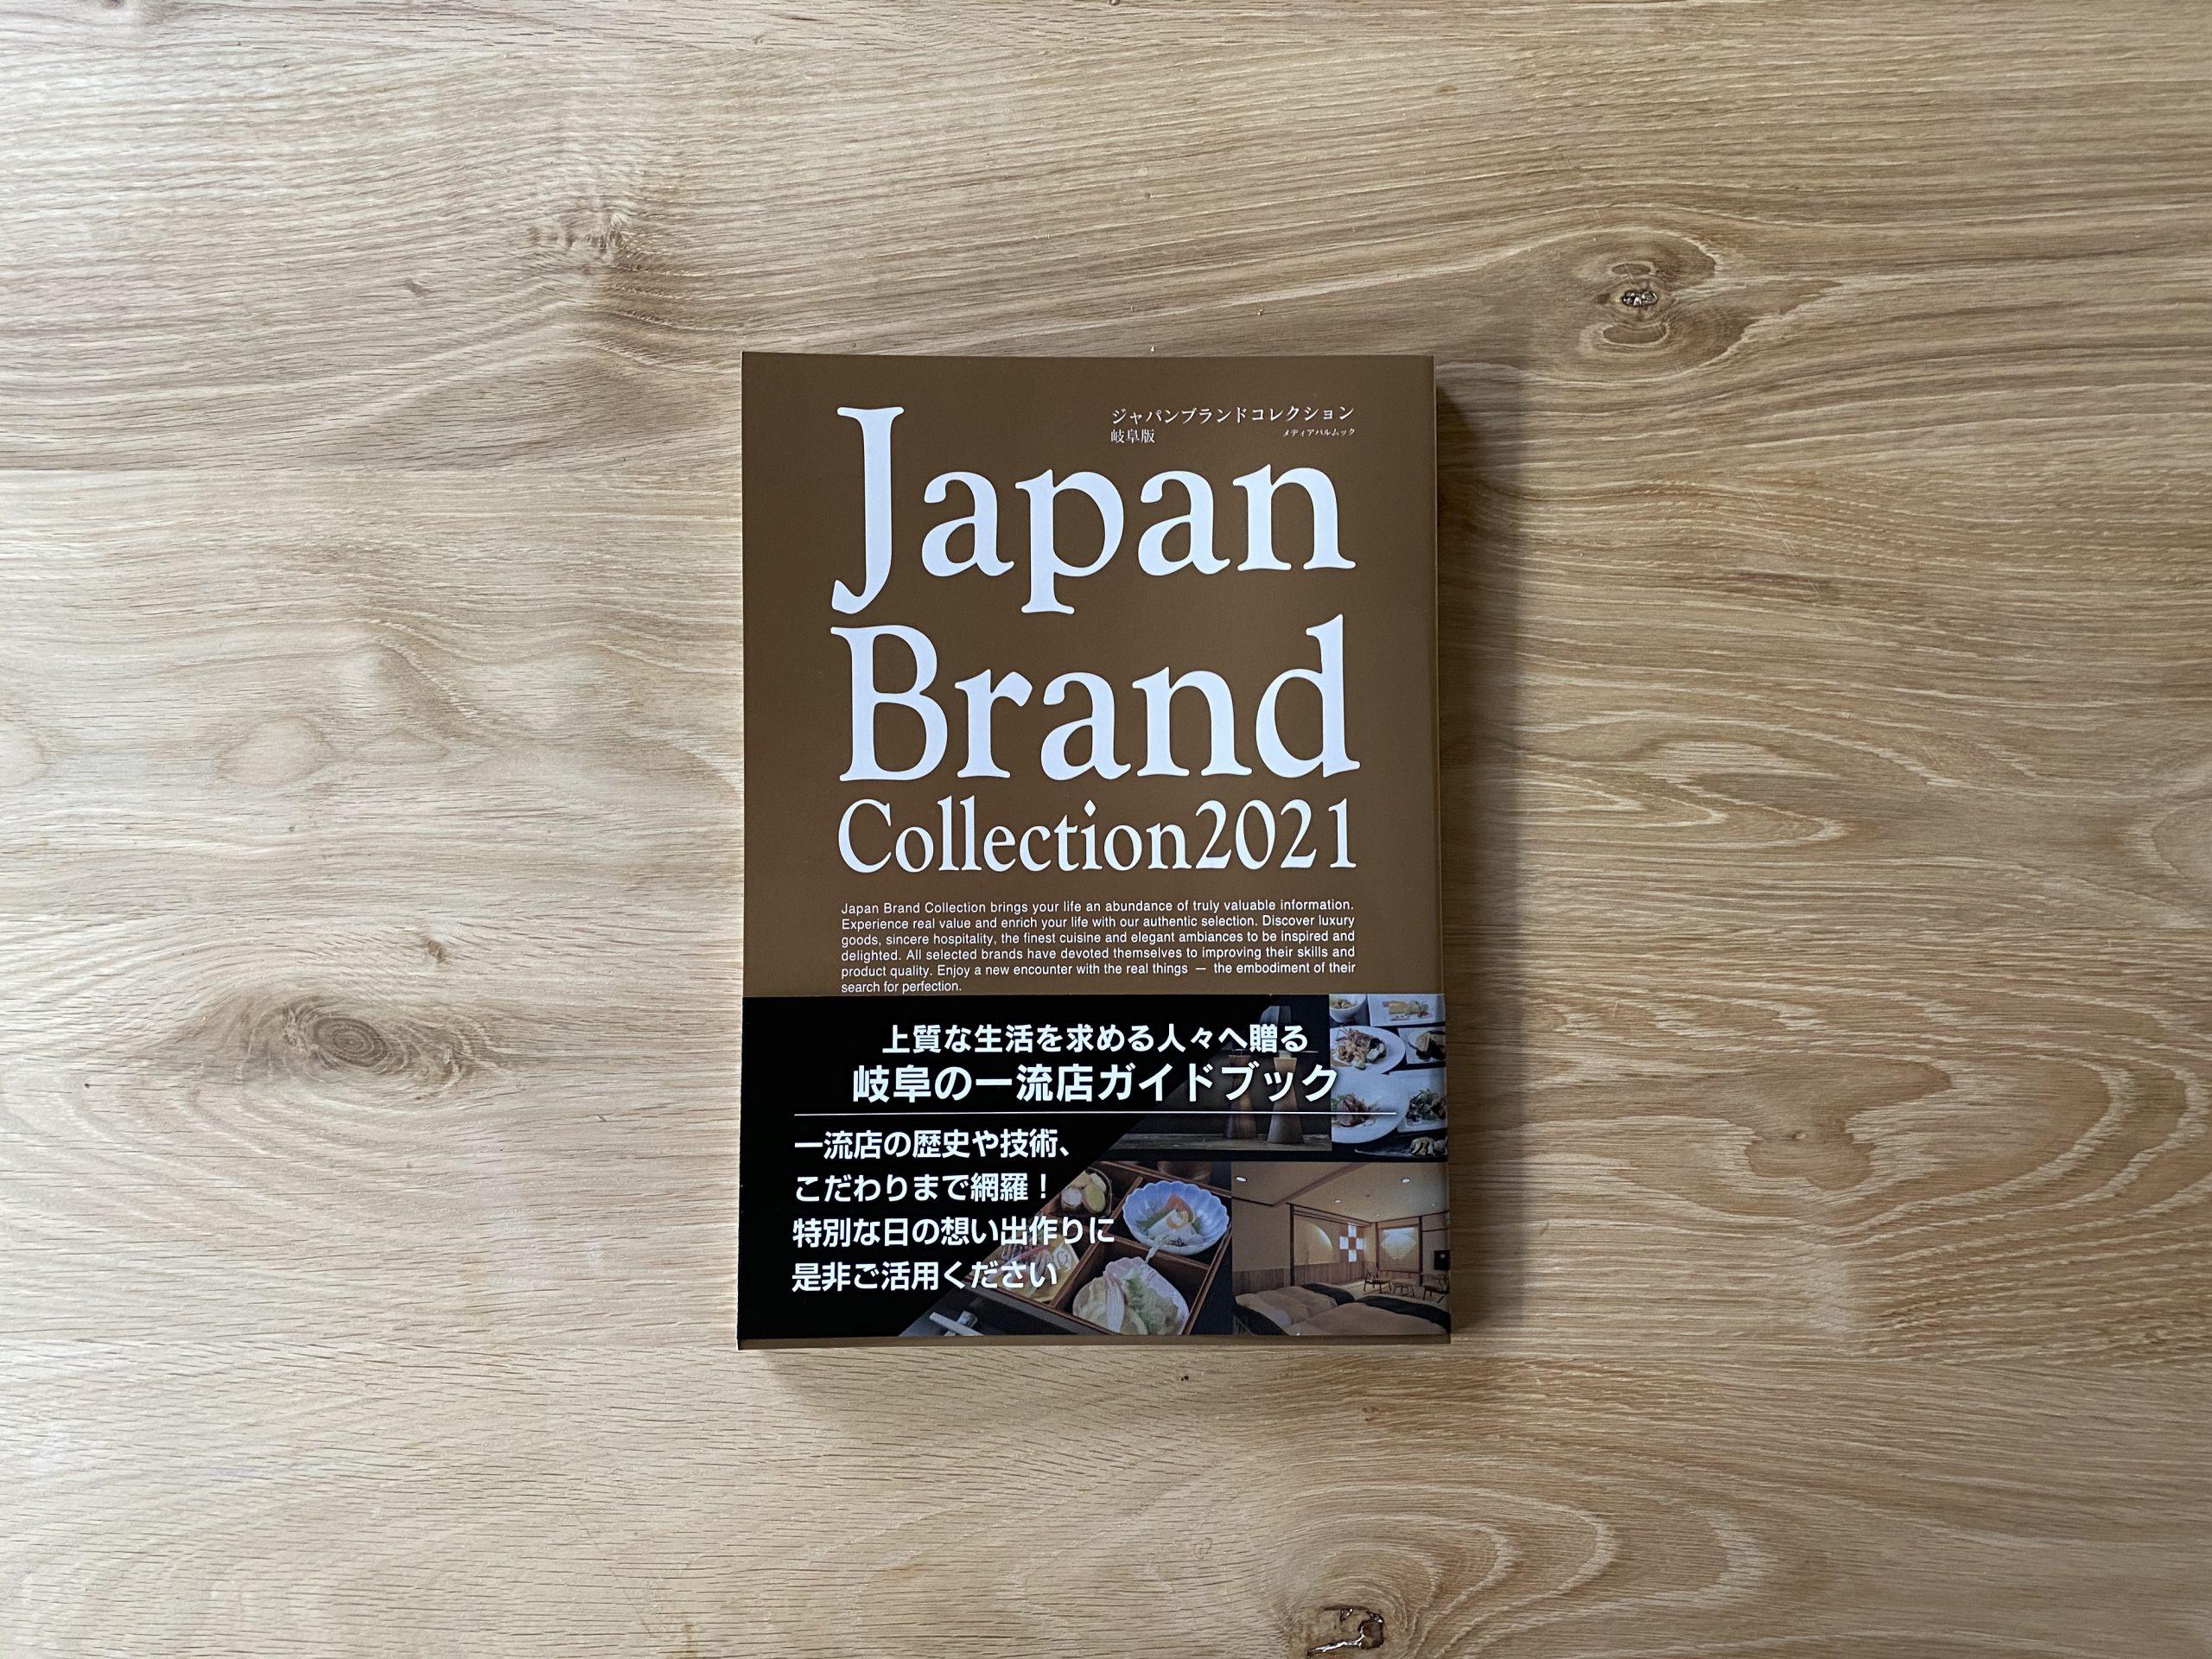 雑誌ジャパンブランドコレクション 2021 岐阜に掲載されました。